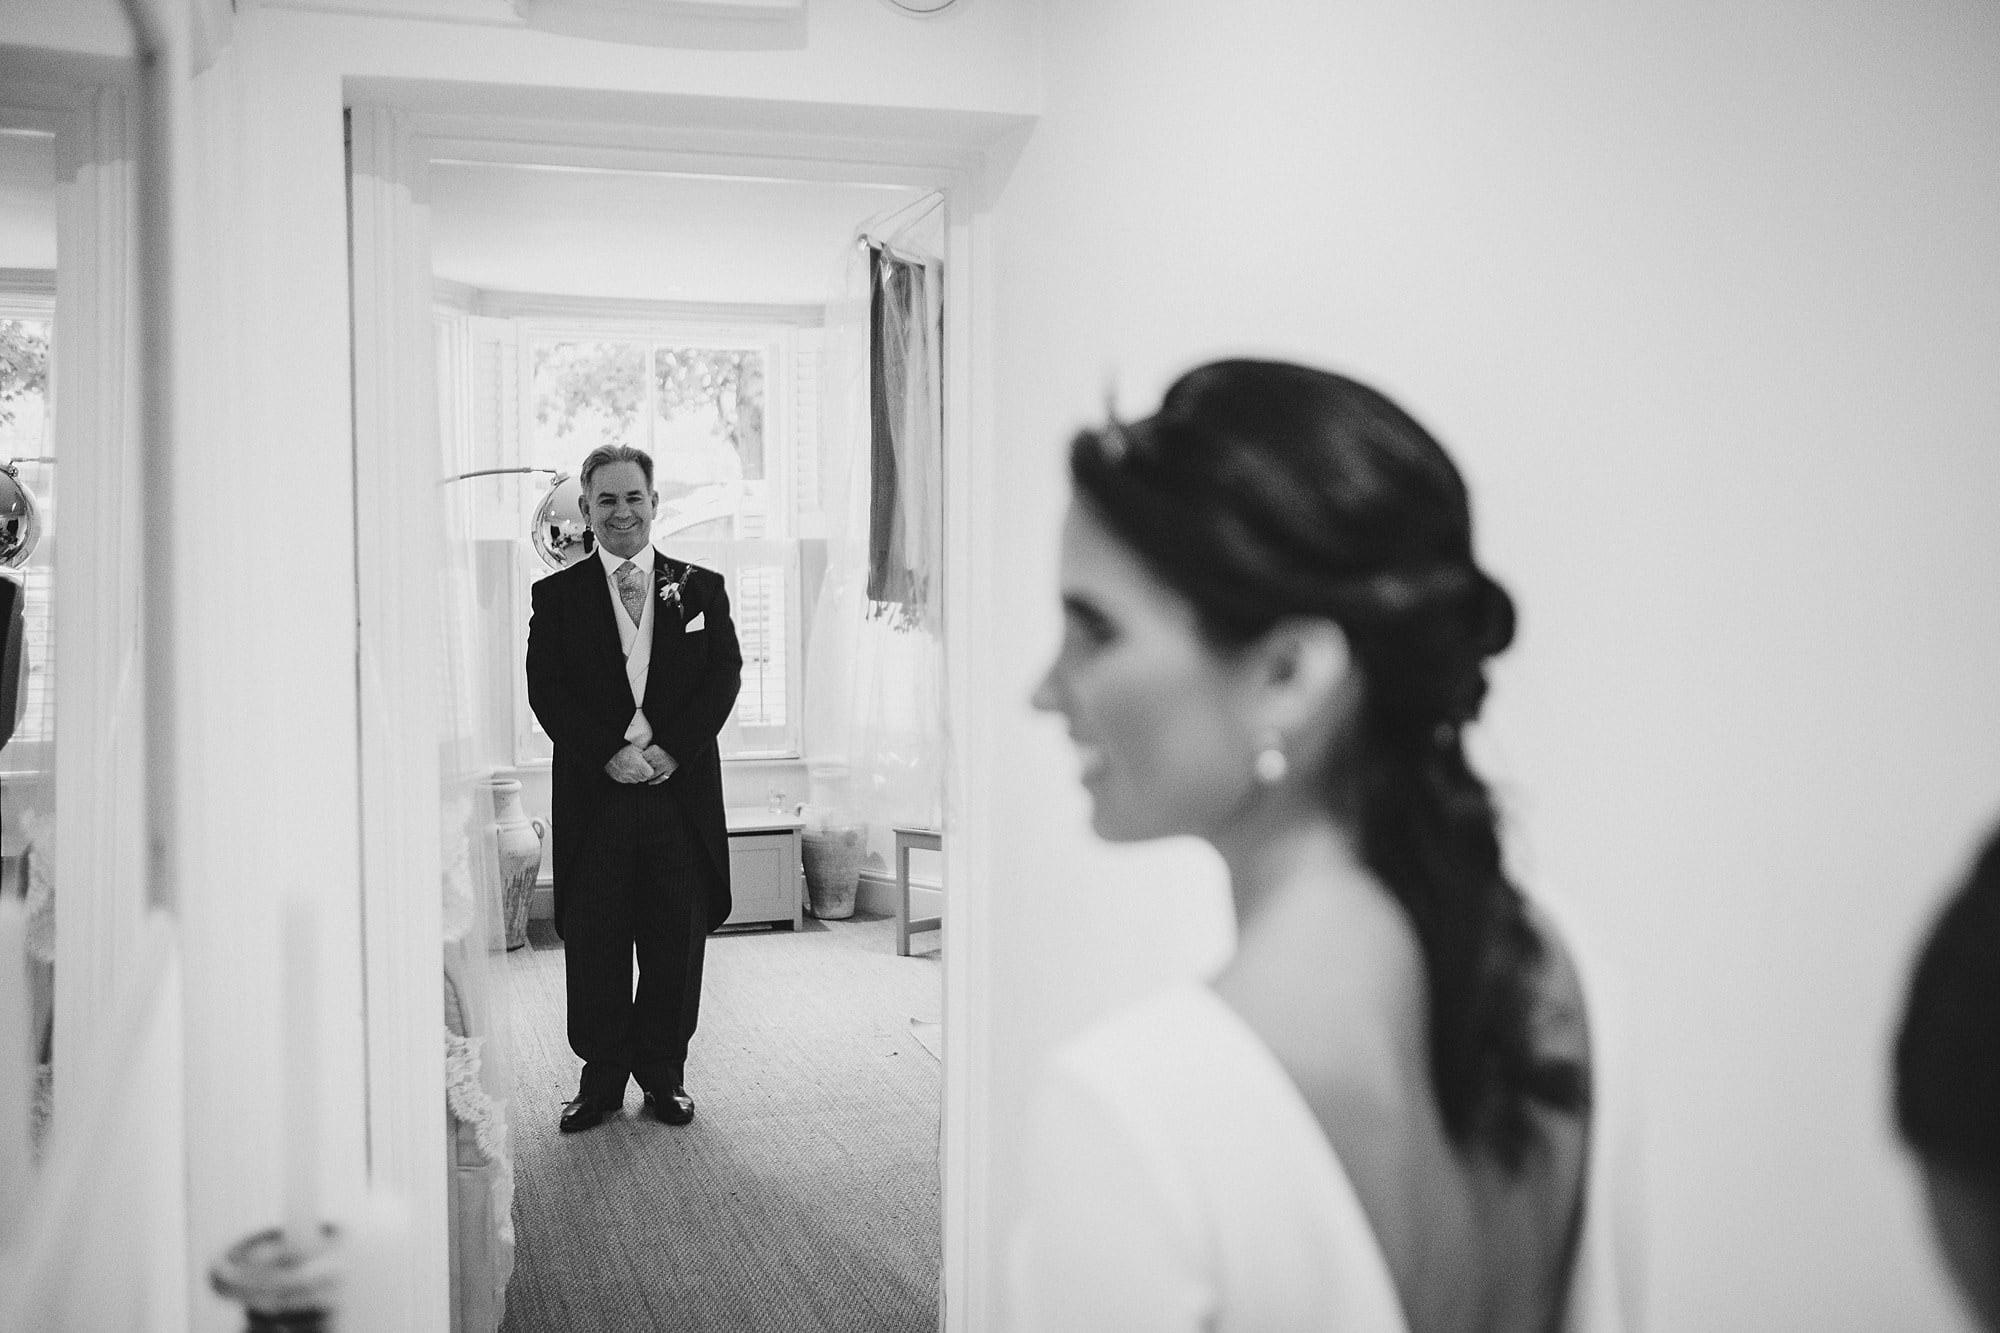 fulham palace wedding photographer ok 013 - Olivia + Kyle